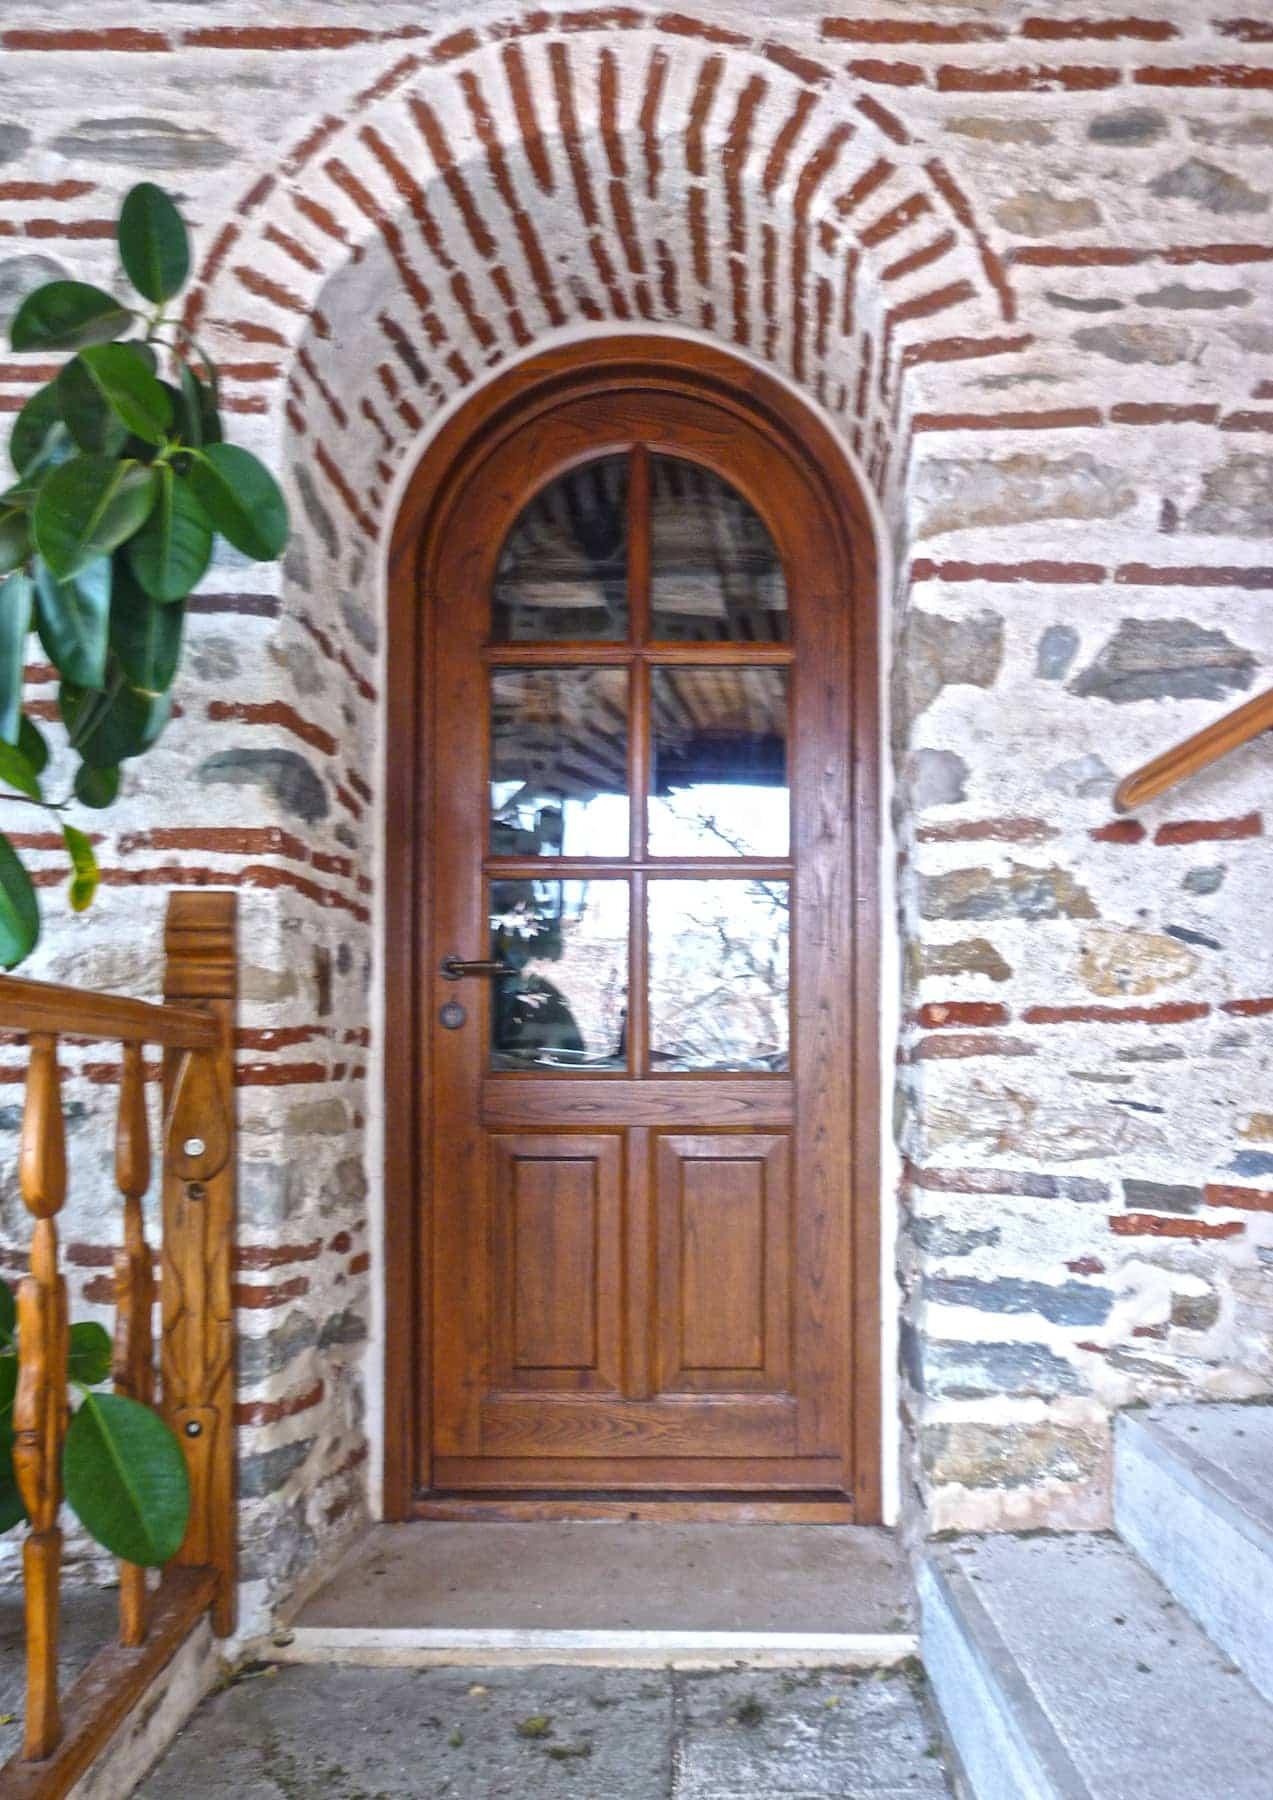 τοξωτή μονόφυλλη πόρτα με τζάμι και ταμπλάδες